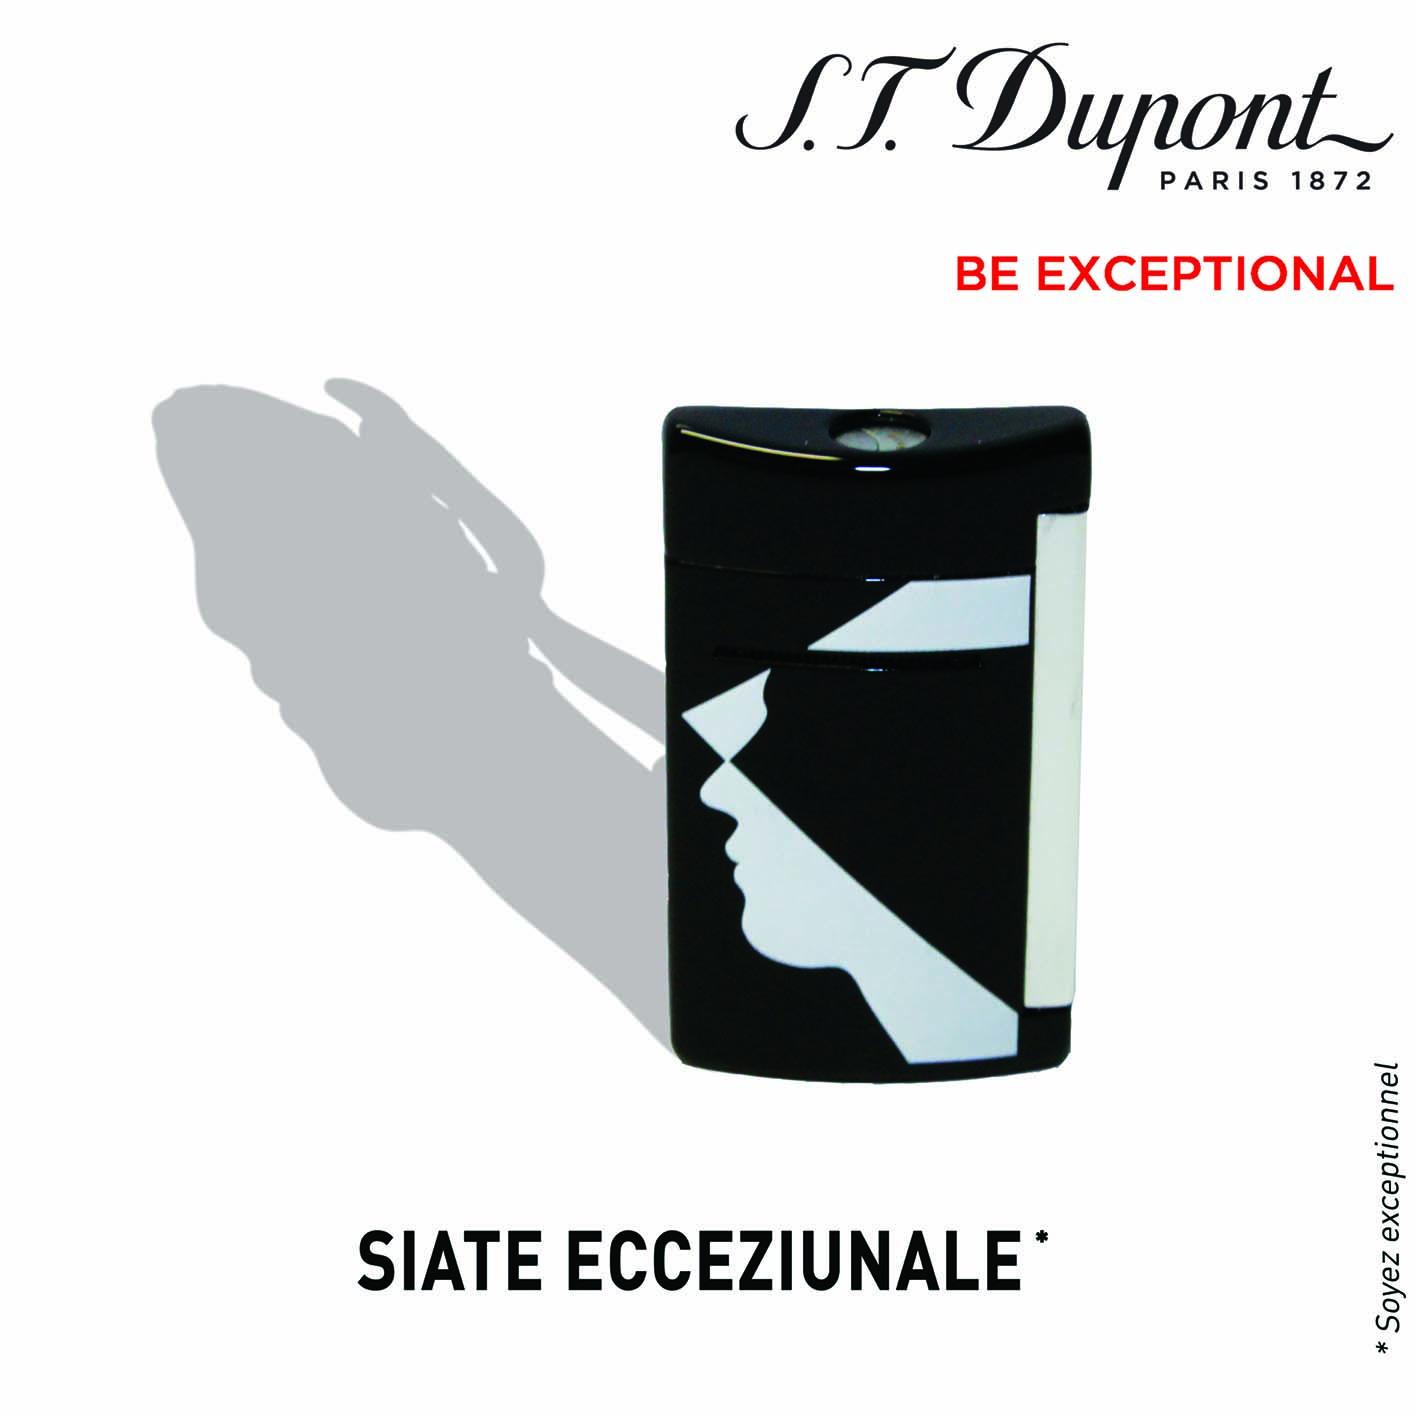 Minijet Corsica : « Siate Ecceziunale » avec le briquet ST Dupont